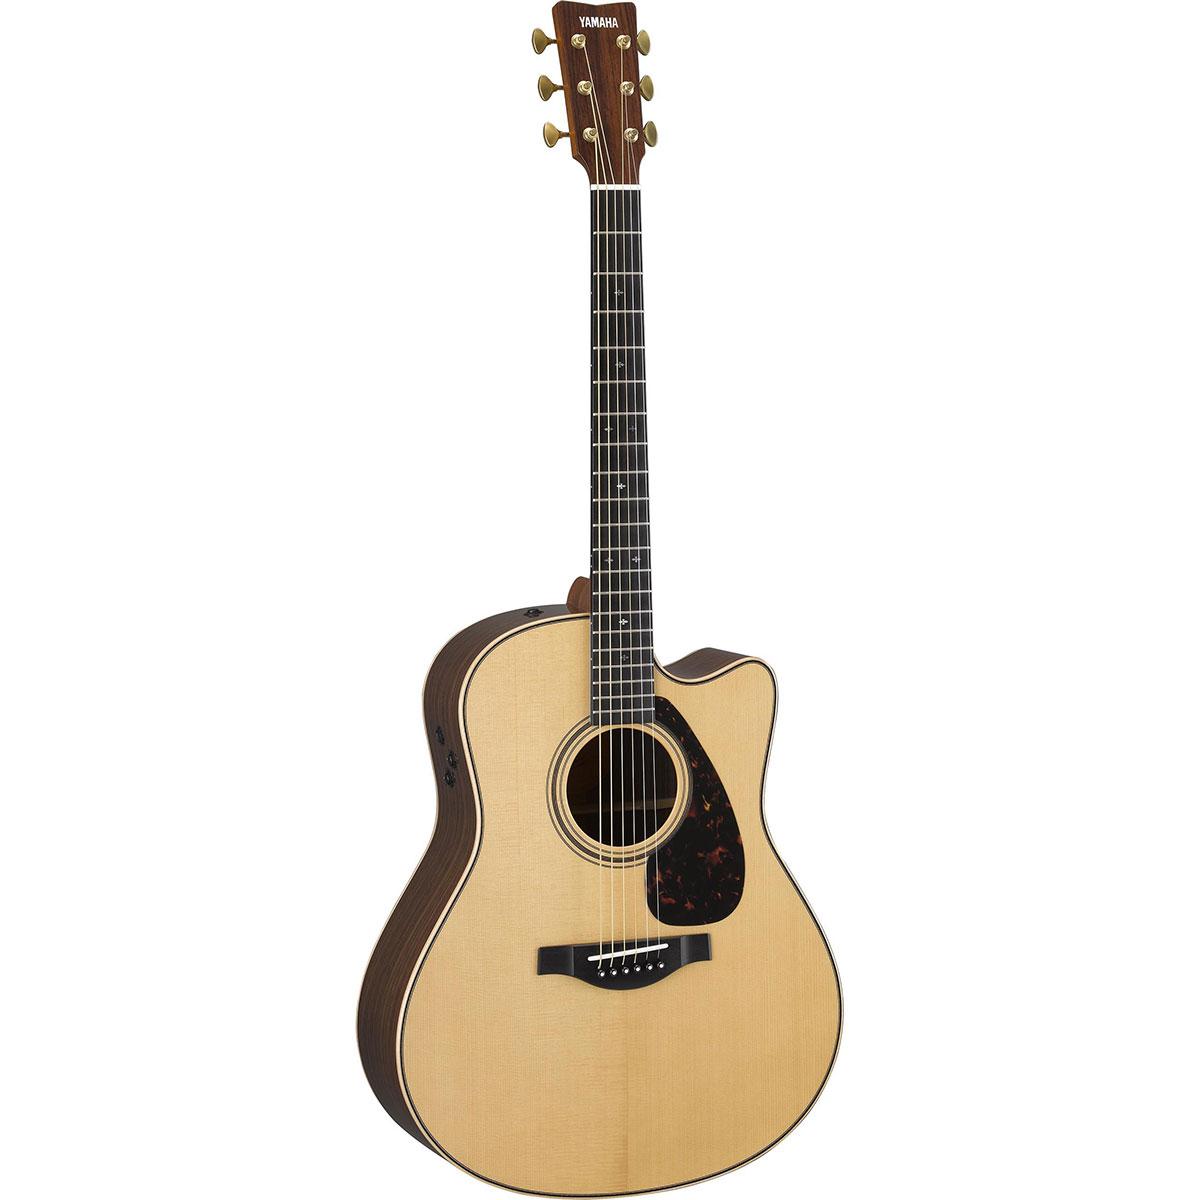 【受注生産】YAMAHA エレアコギター LLX26C ARE / Natural